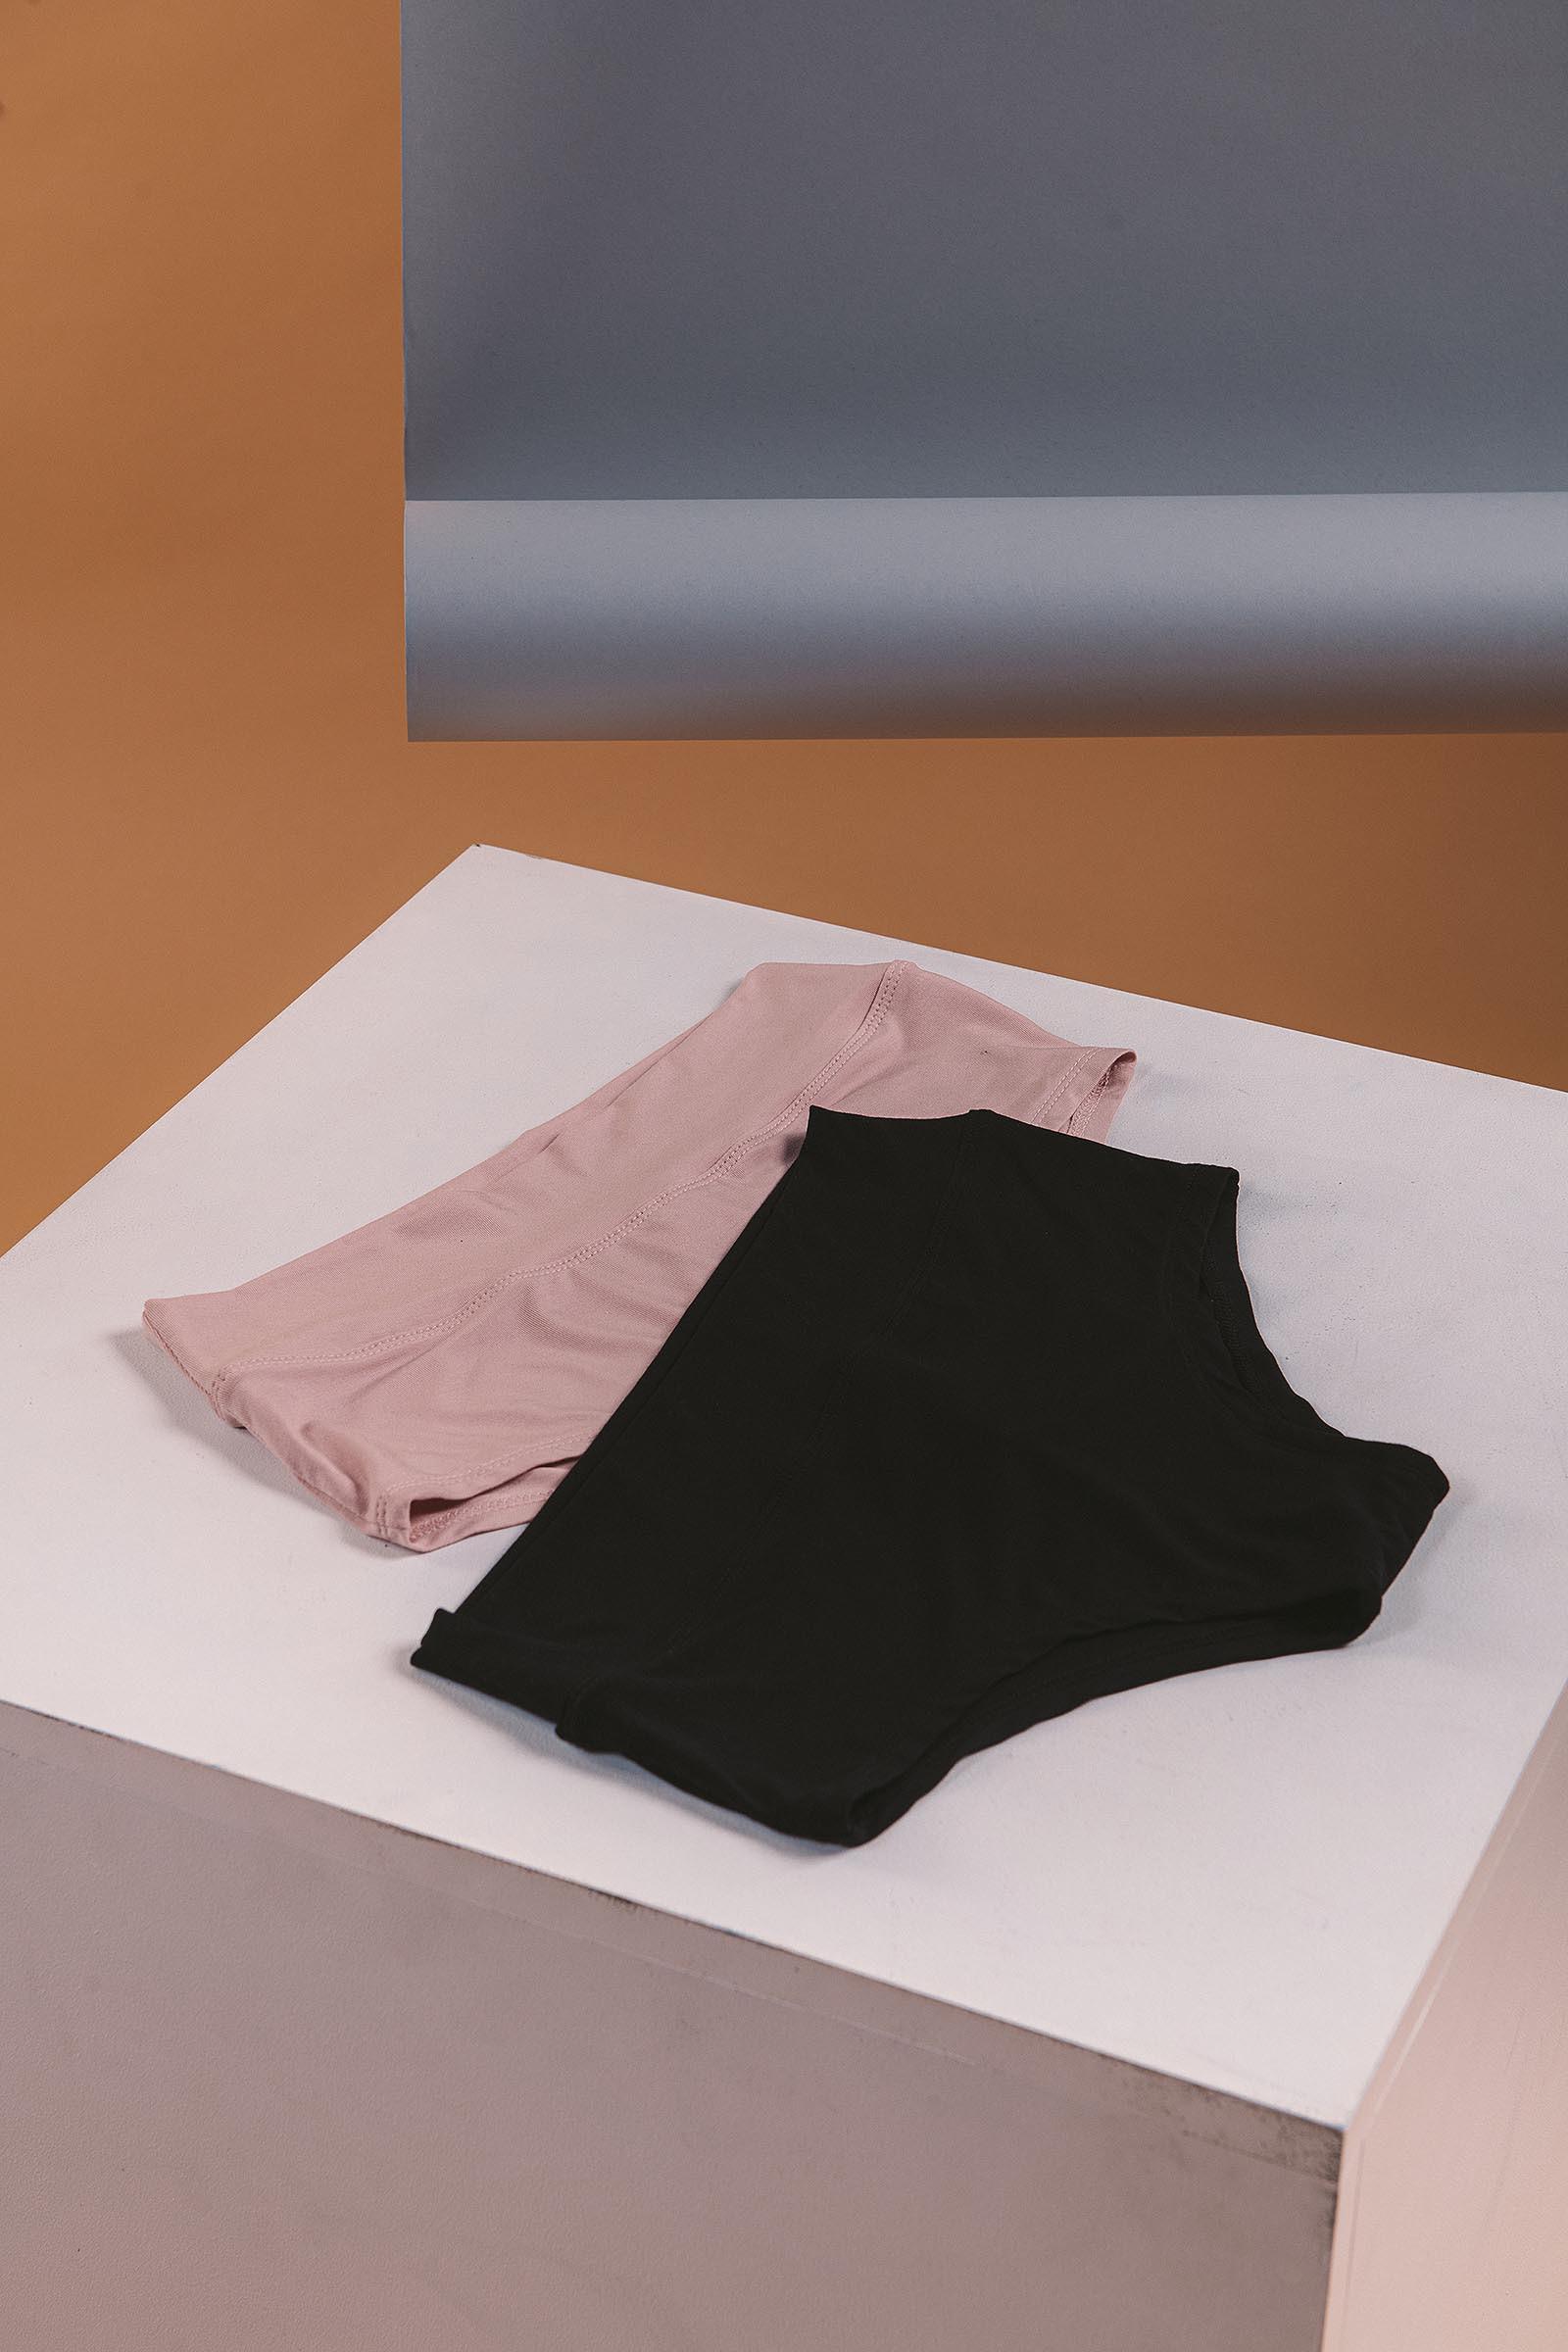 Spodní prádlo Ida nude pink